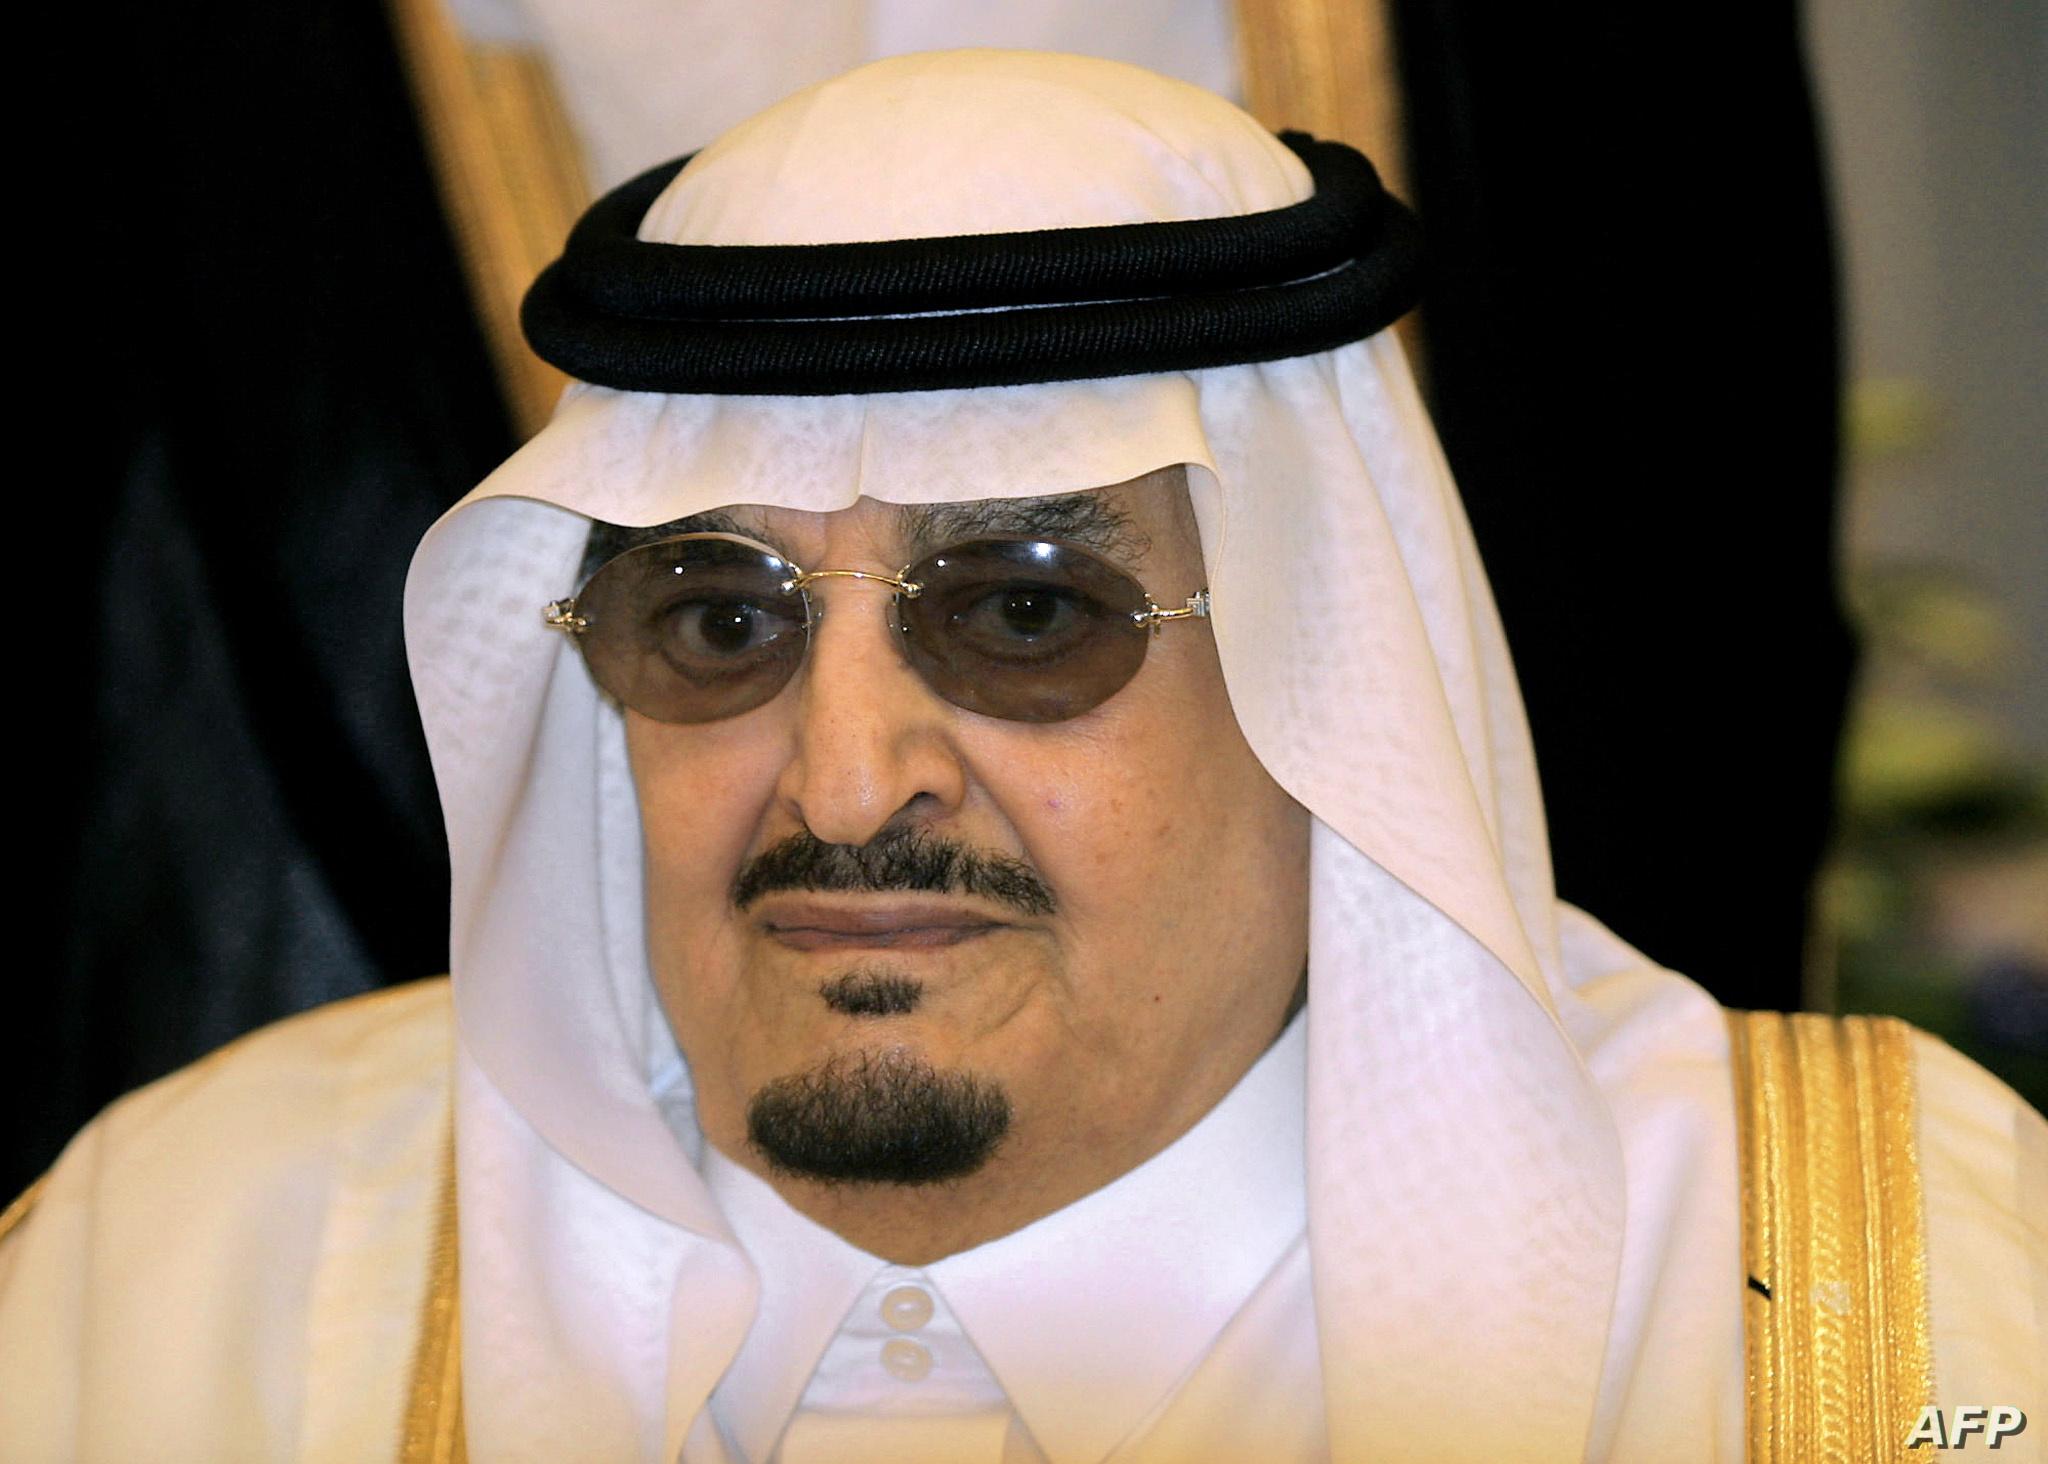 عبد العزيز بن فهد يخسر جولة في قضية زوجة والده الحرة